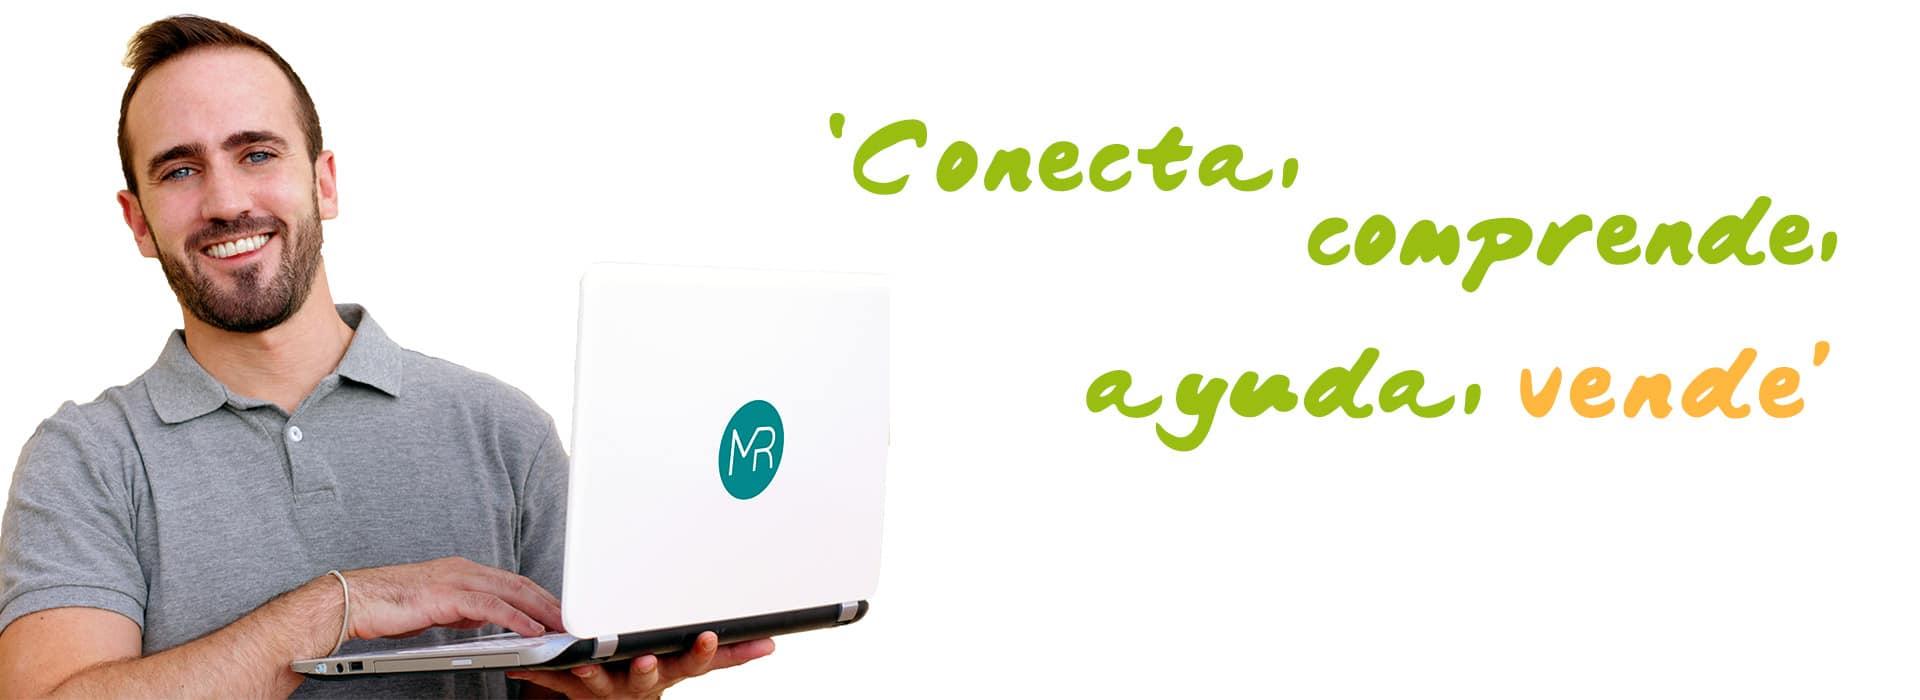 Miguel Revelles Blog de Marketing Digital y Redes Sociales